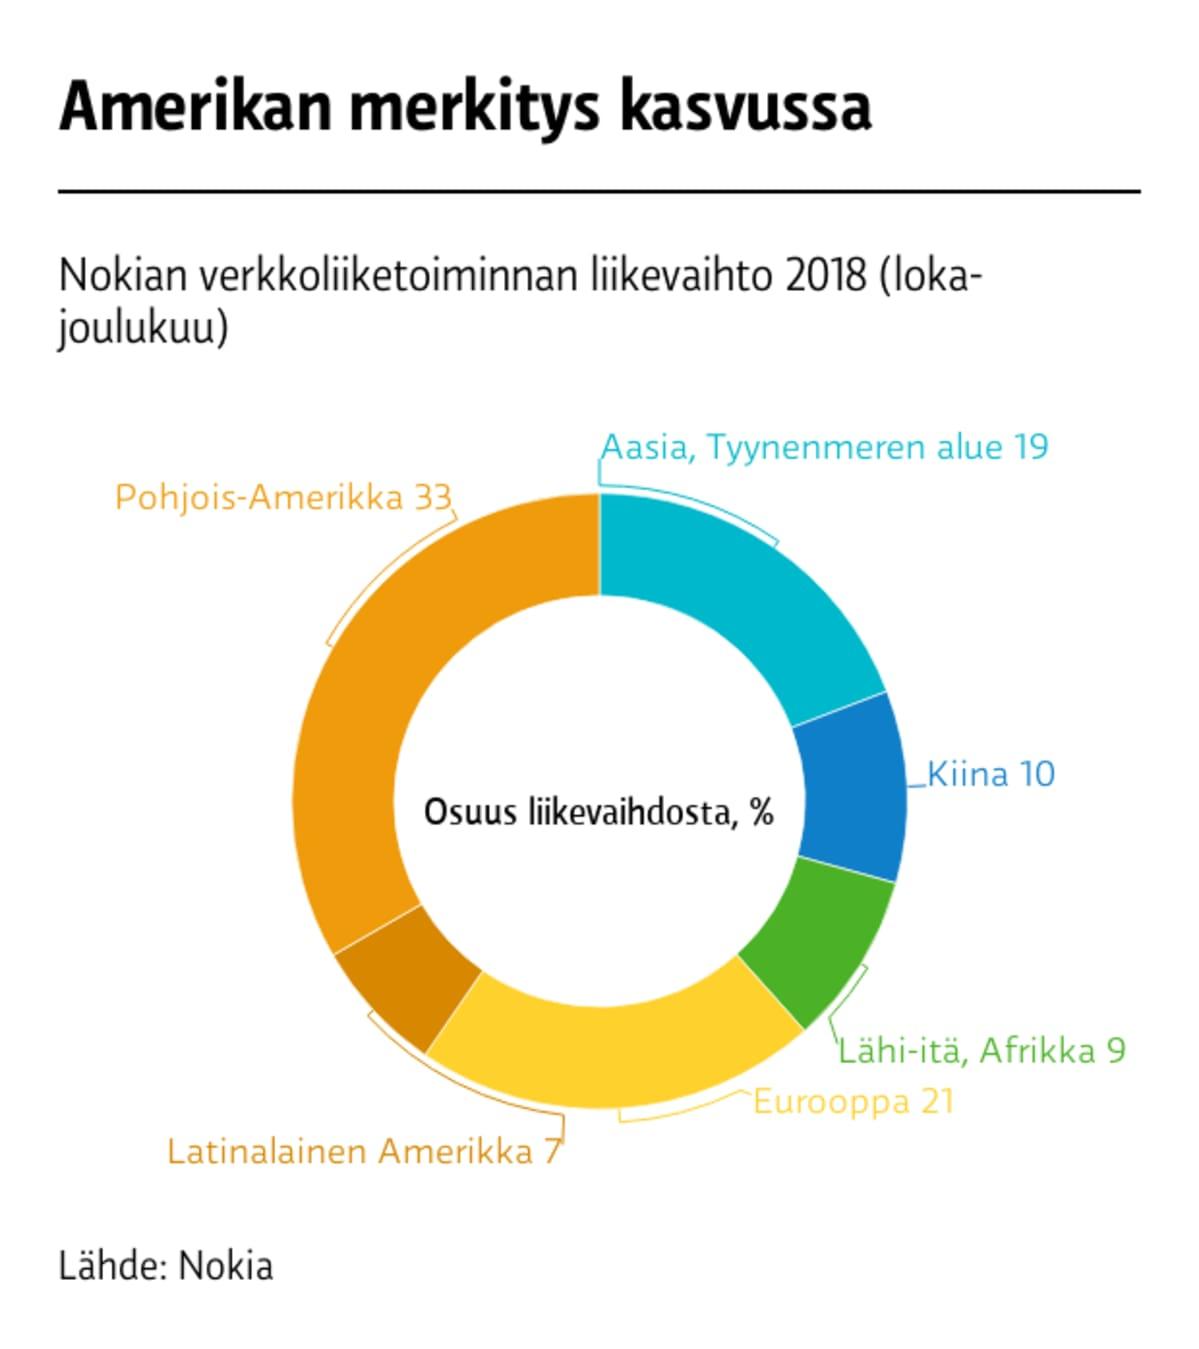 Nokian liikevaihto alueittain